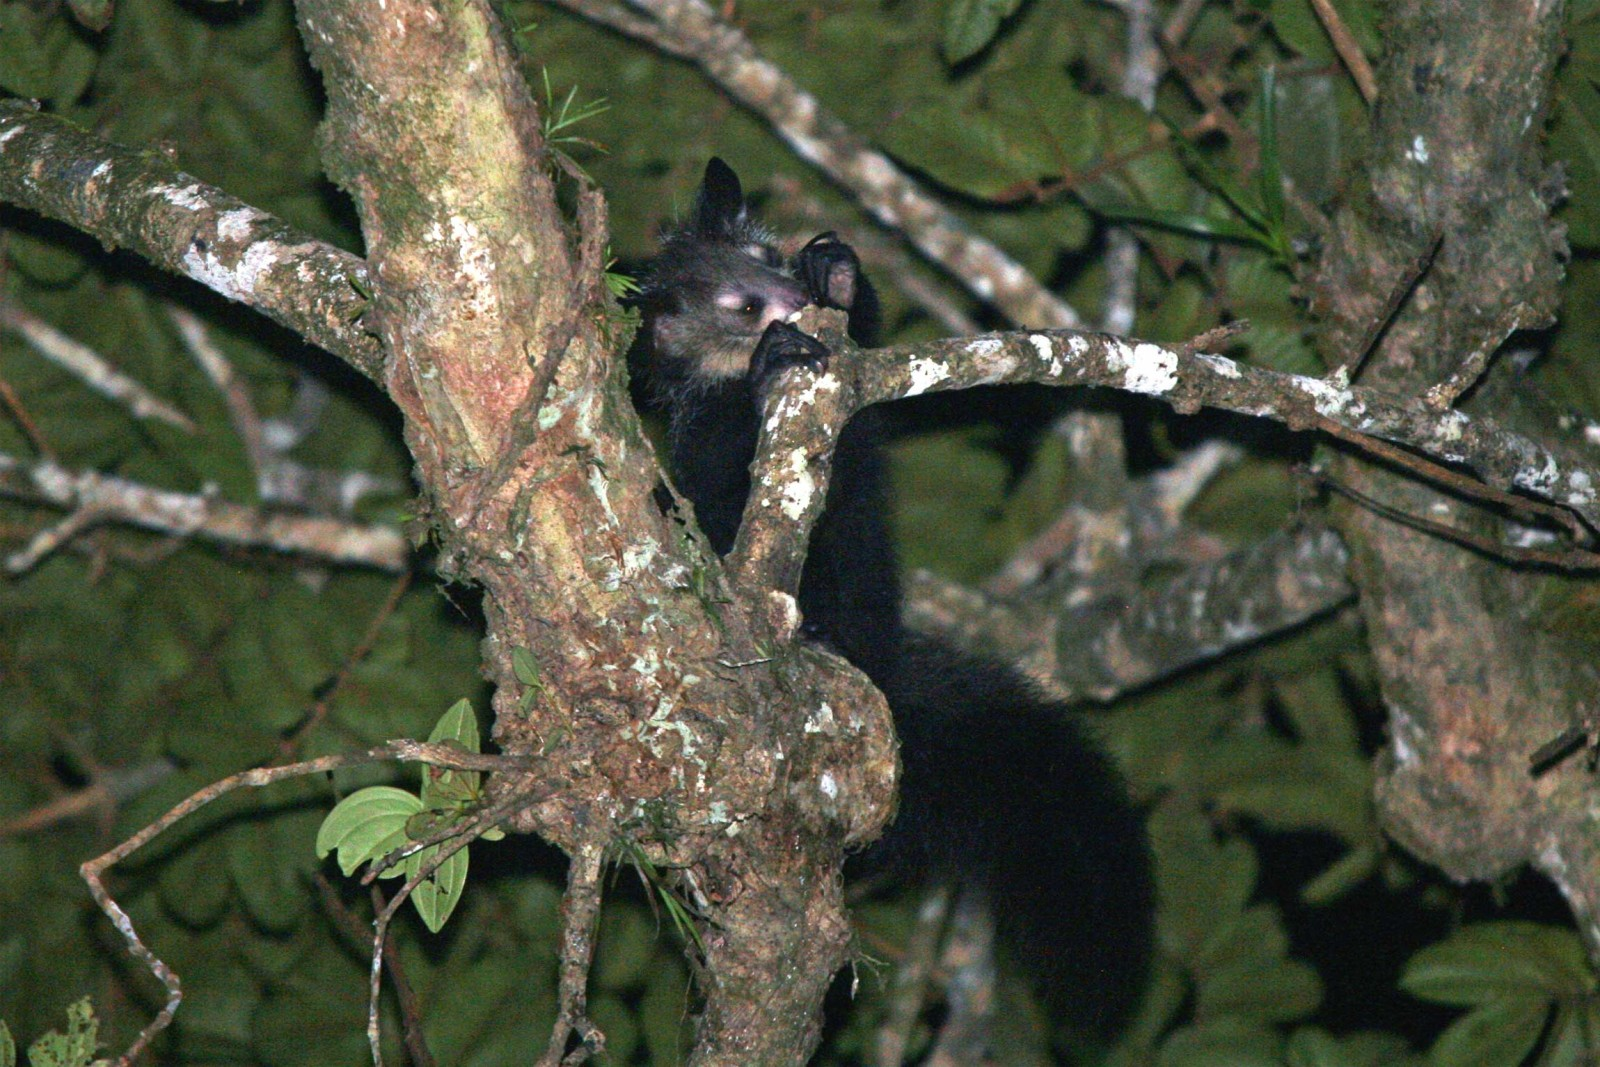 madagascar-wildlife-tours_tour_aye-aye-and-i_-aye-aye